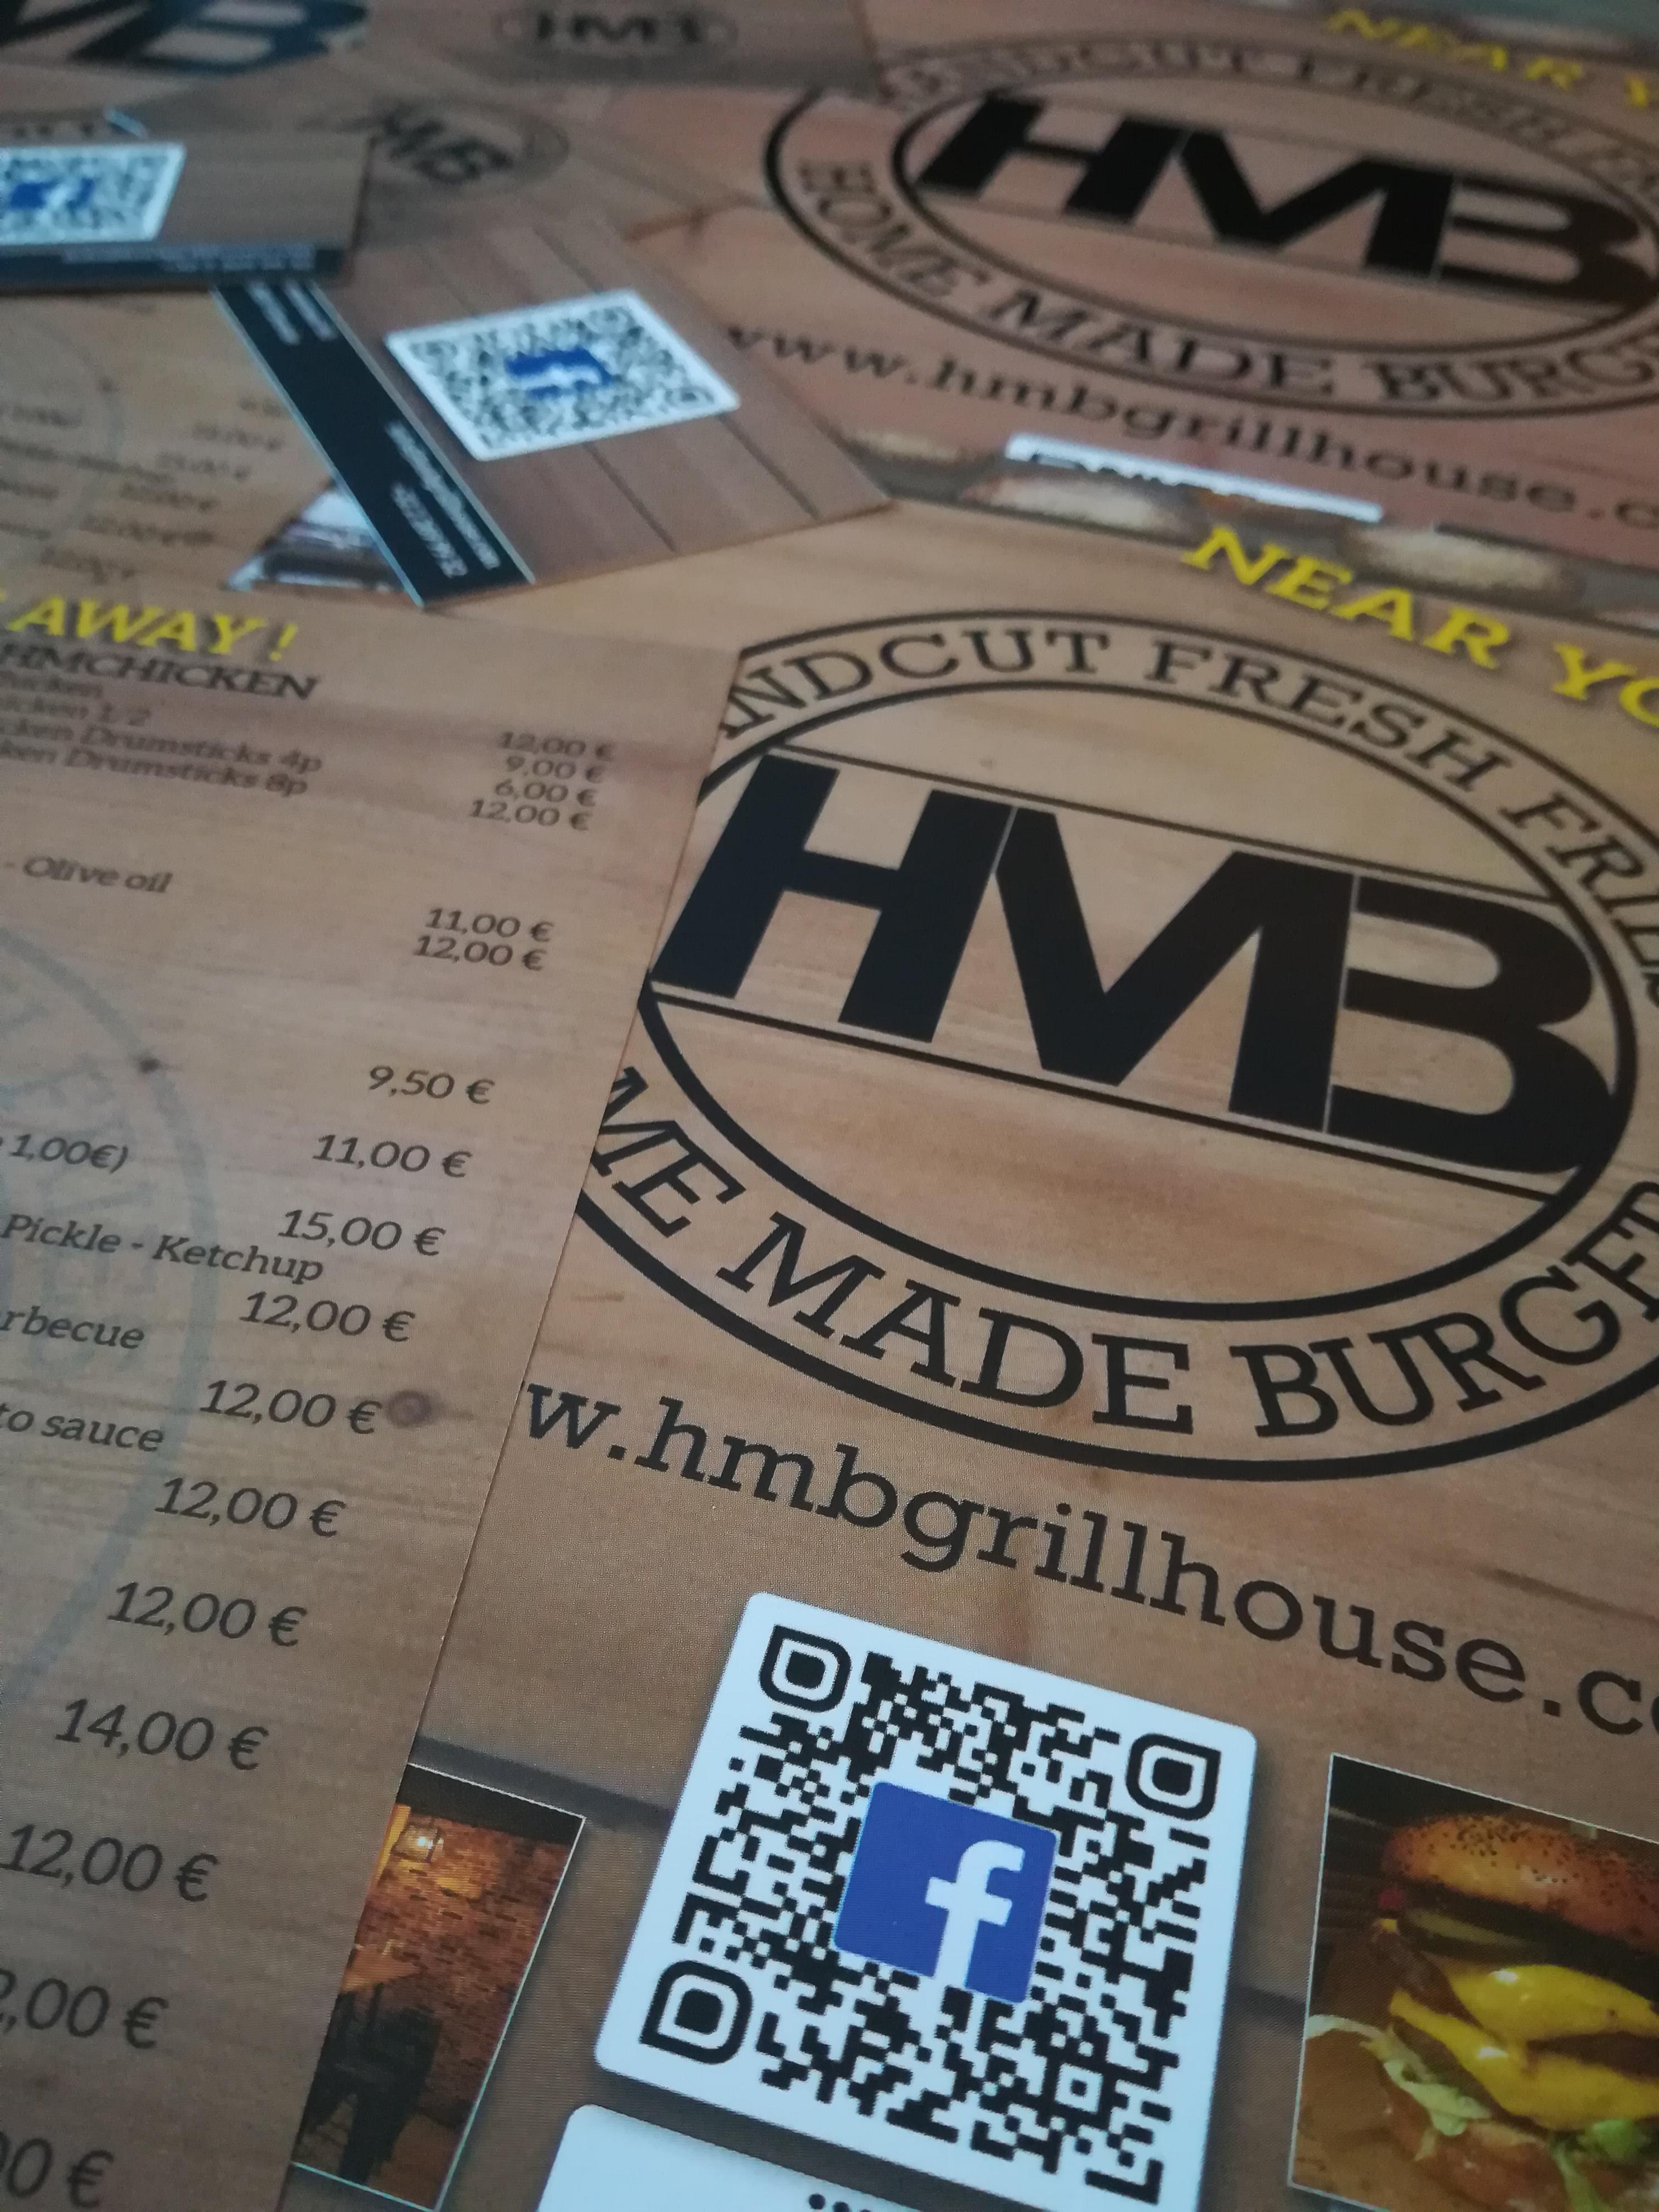 Cartes De Visite Flyers Affiches HMB GRILLHOUSE